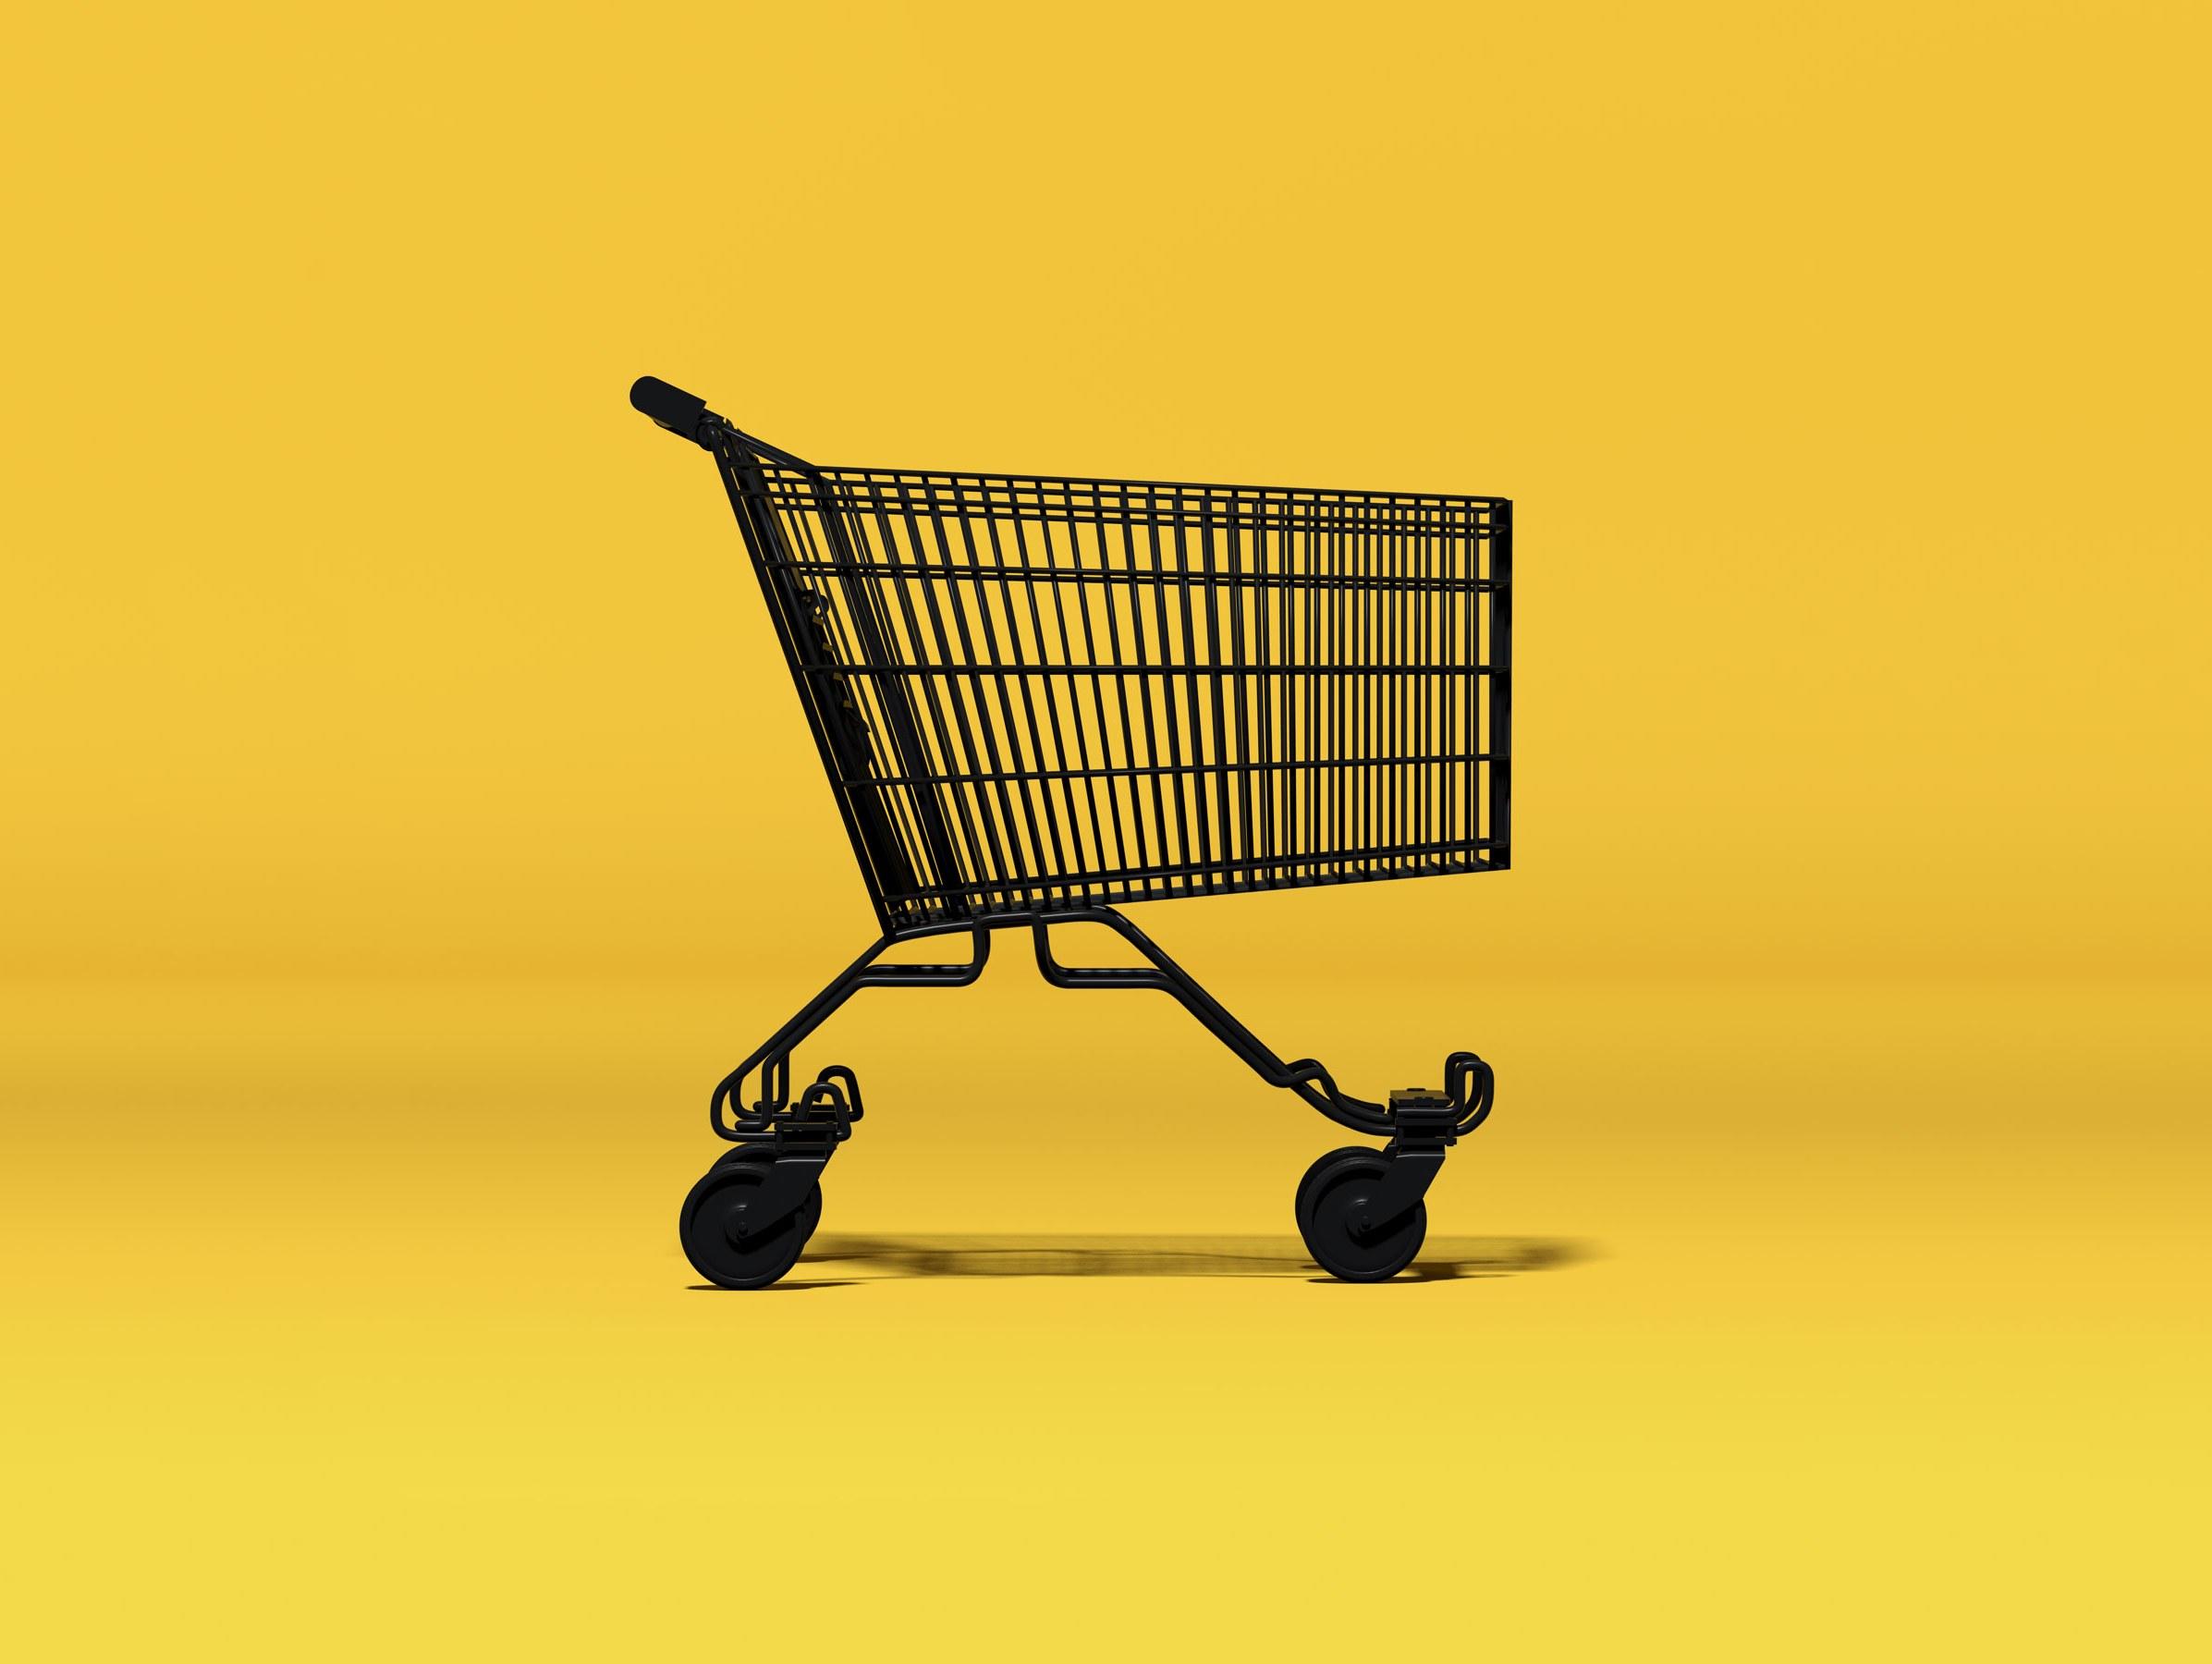 รับเงินคืน 3.0% ไปเลยเมื่อช้อป Alibaba ผ่าน ShopBack!